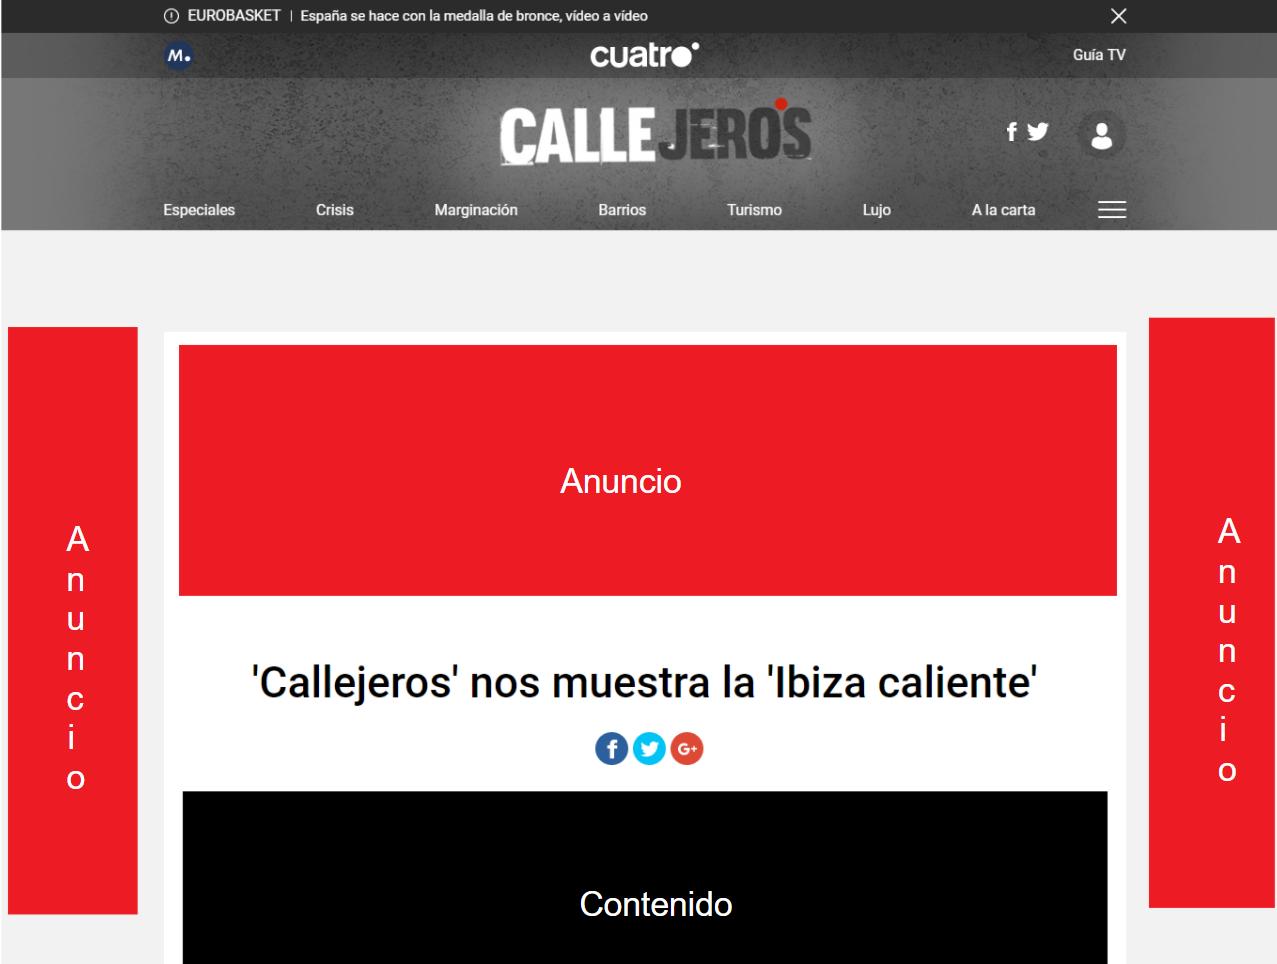 Anuncios de Cuatro.com